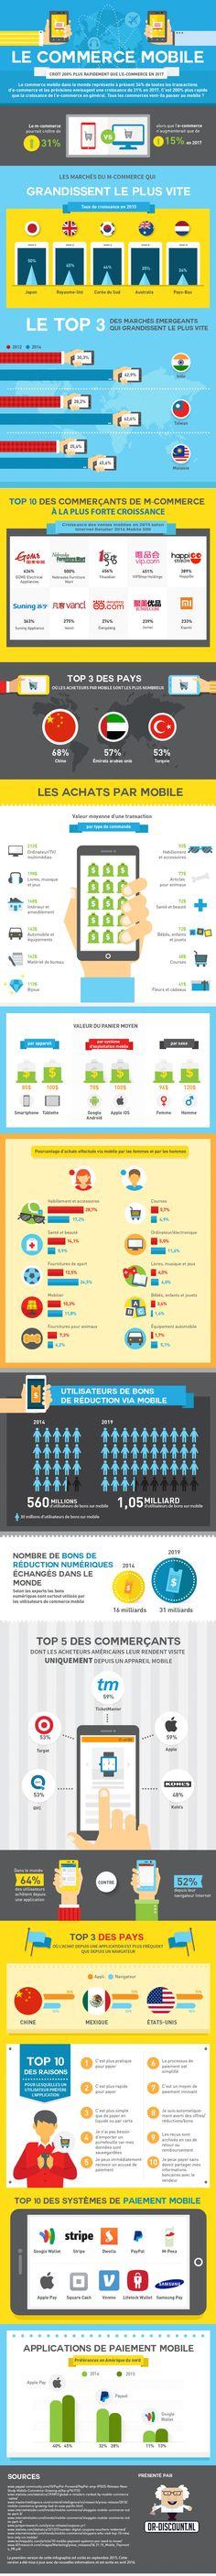 Les chiffres clés du m-commerce dans le monde en 2016 ! | E-commerce Nation